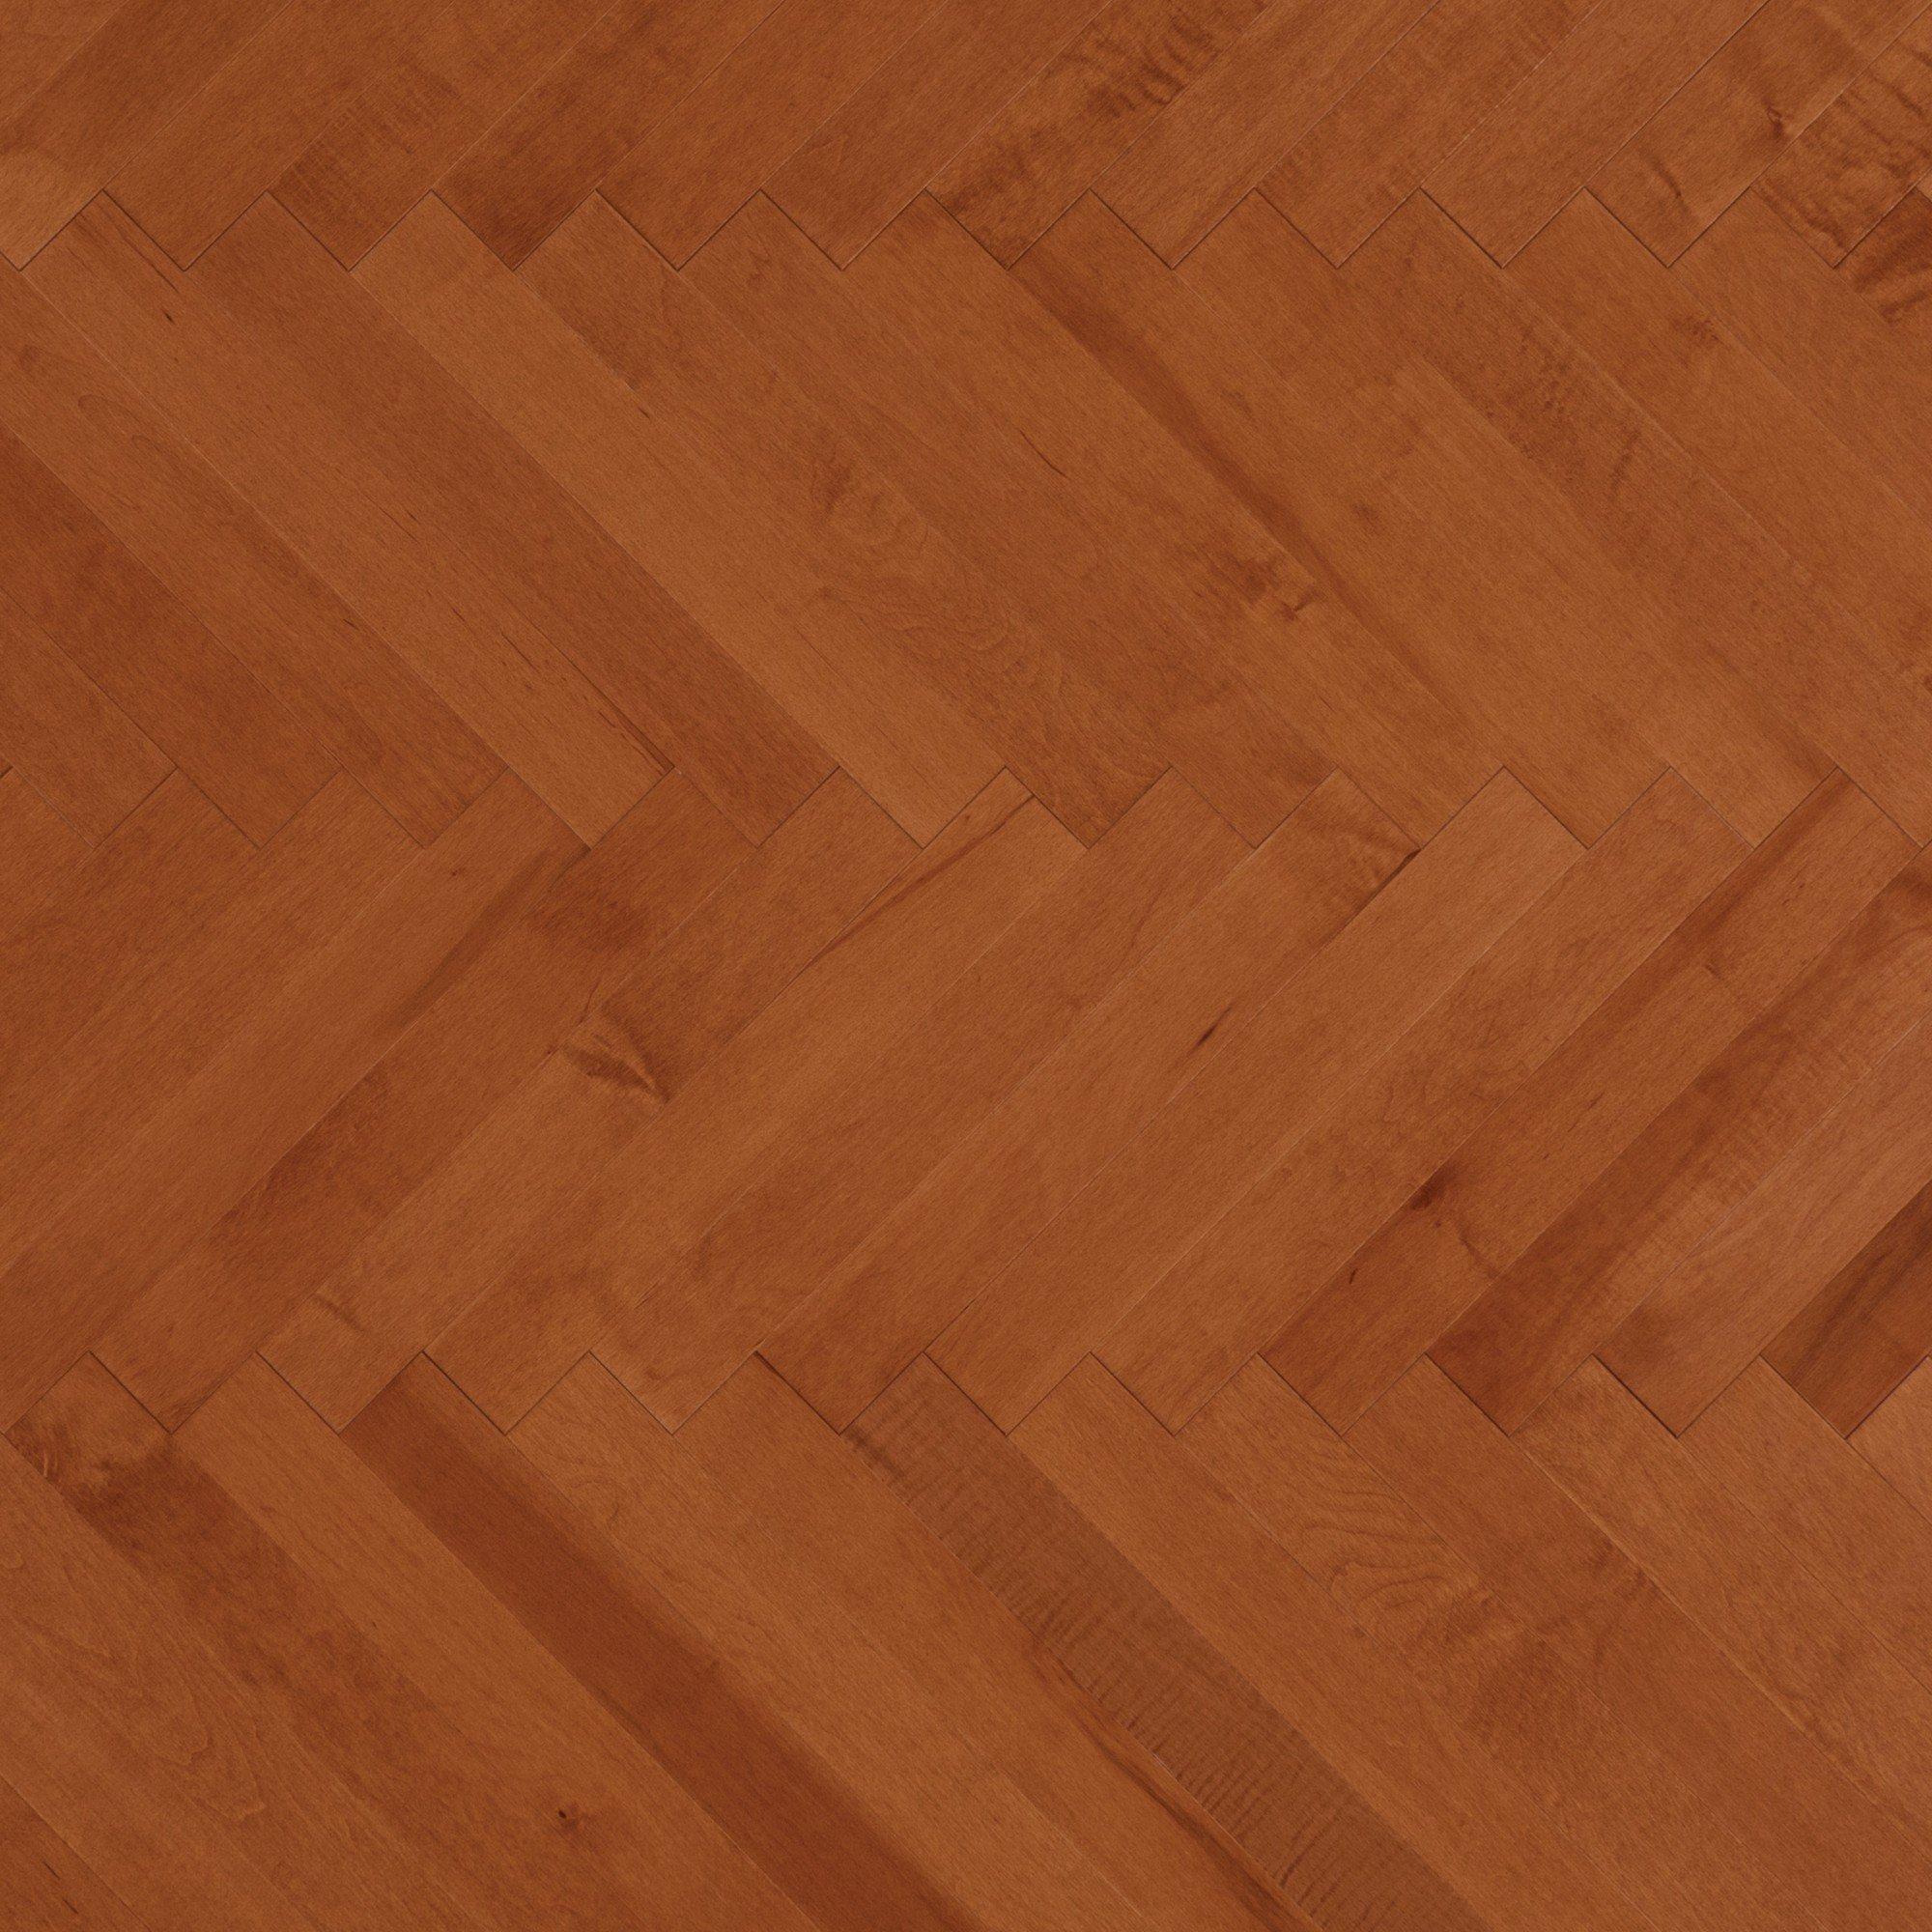 Érable Auburn - Image plancher